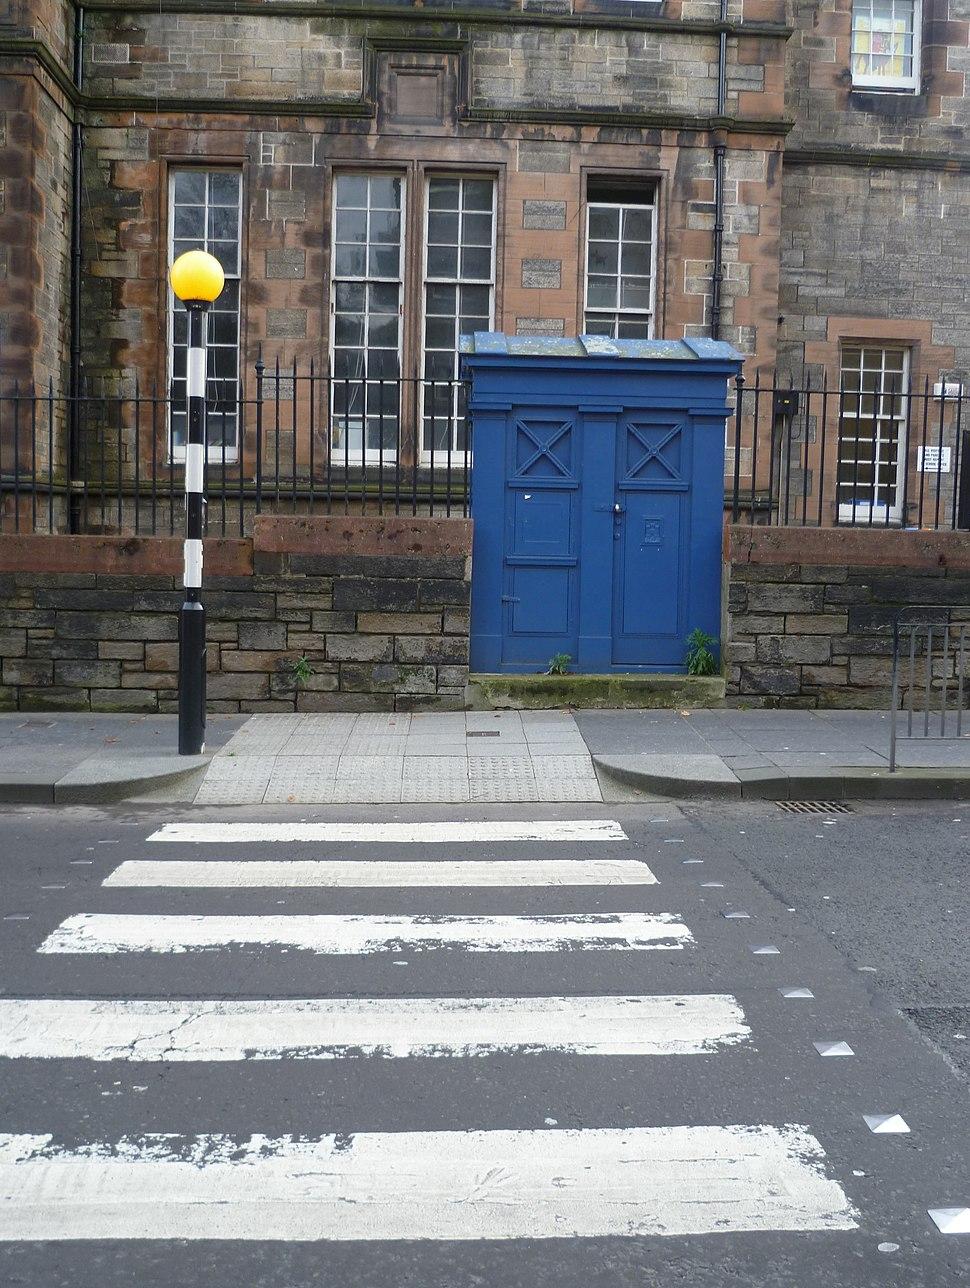 Zebra crossing in the Canongate, Edinburgh